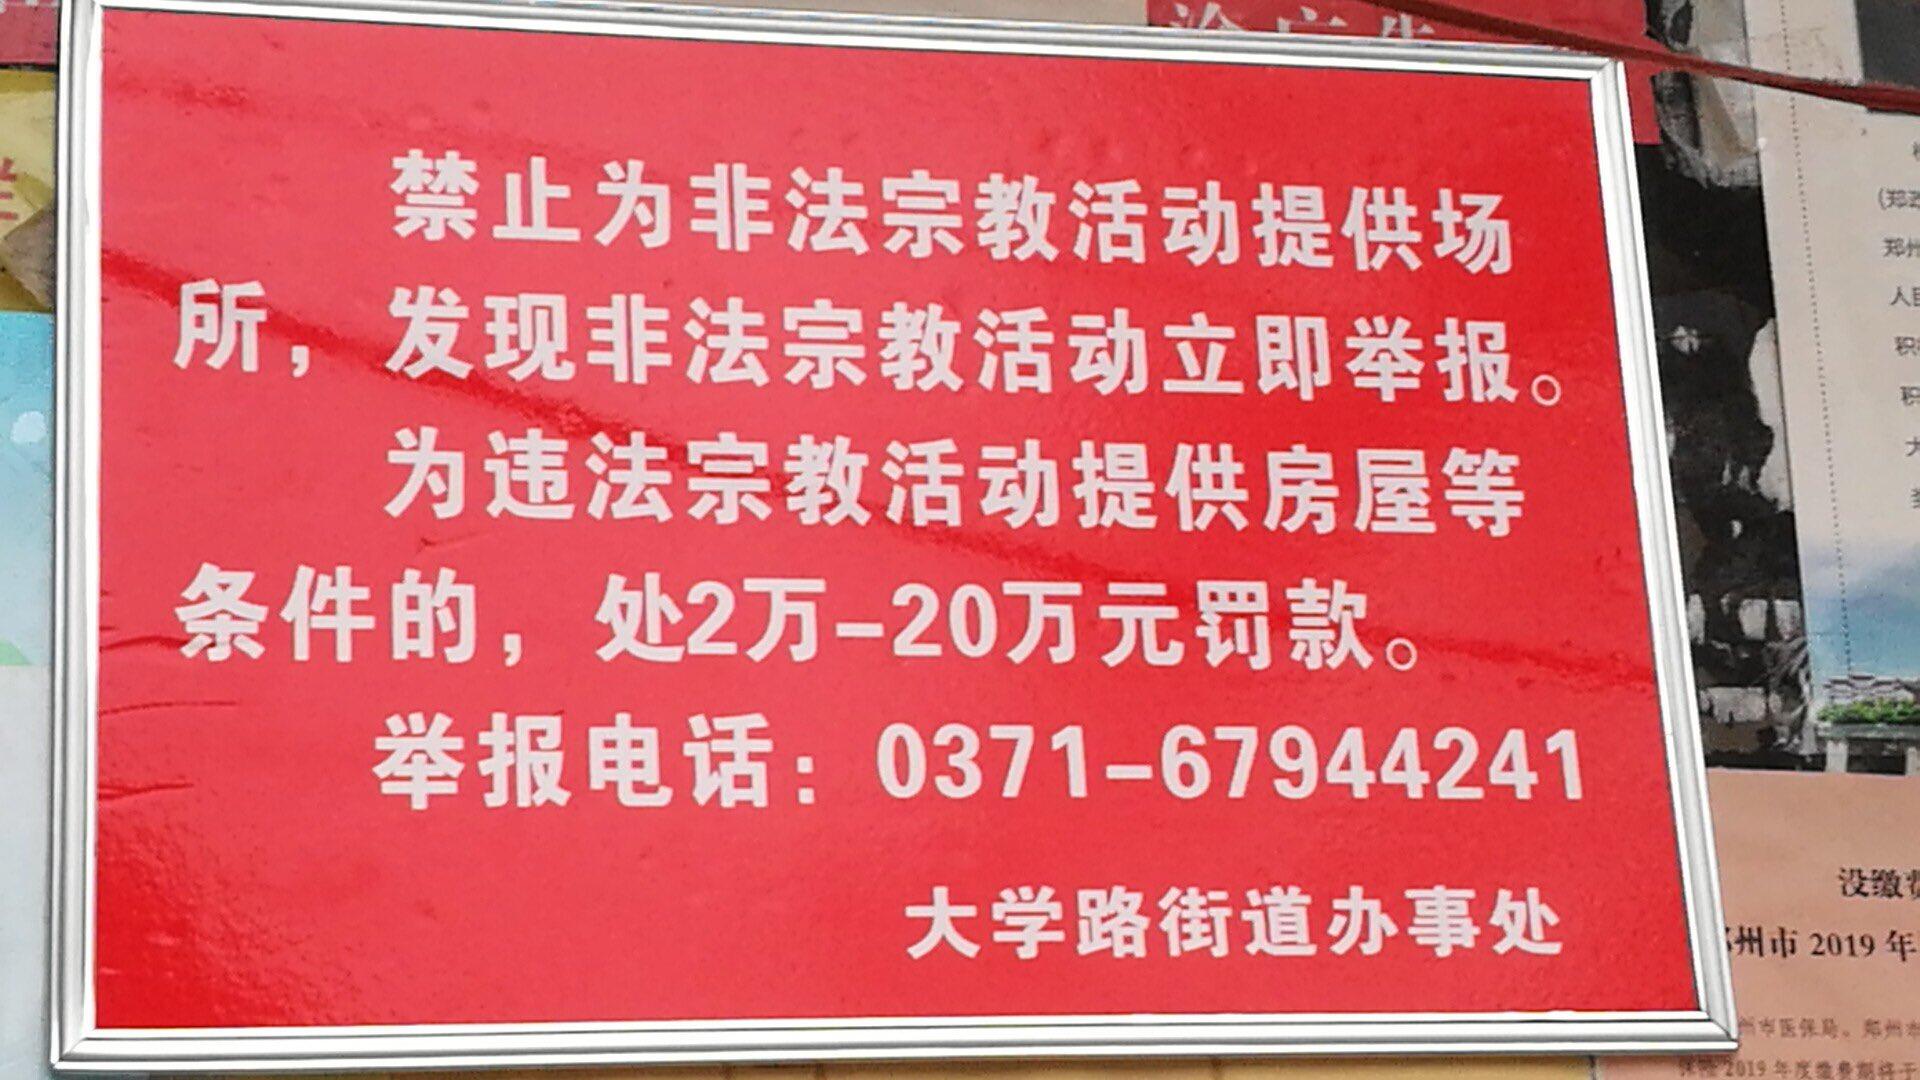 河南郑州一街道办发悬赏通知,鼓励举报宗教活动。(网络图片)